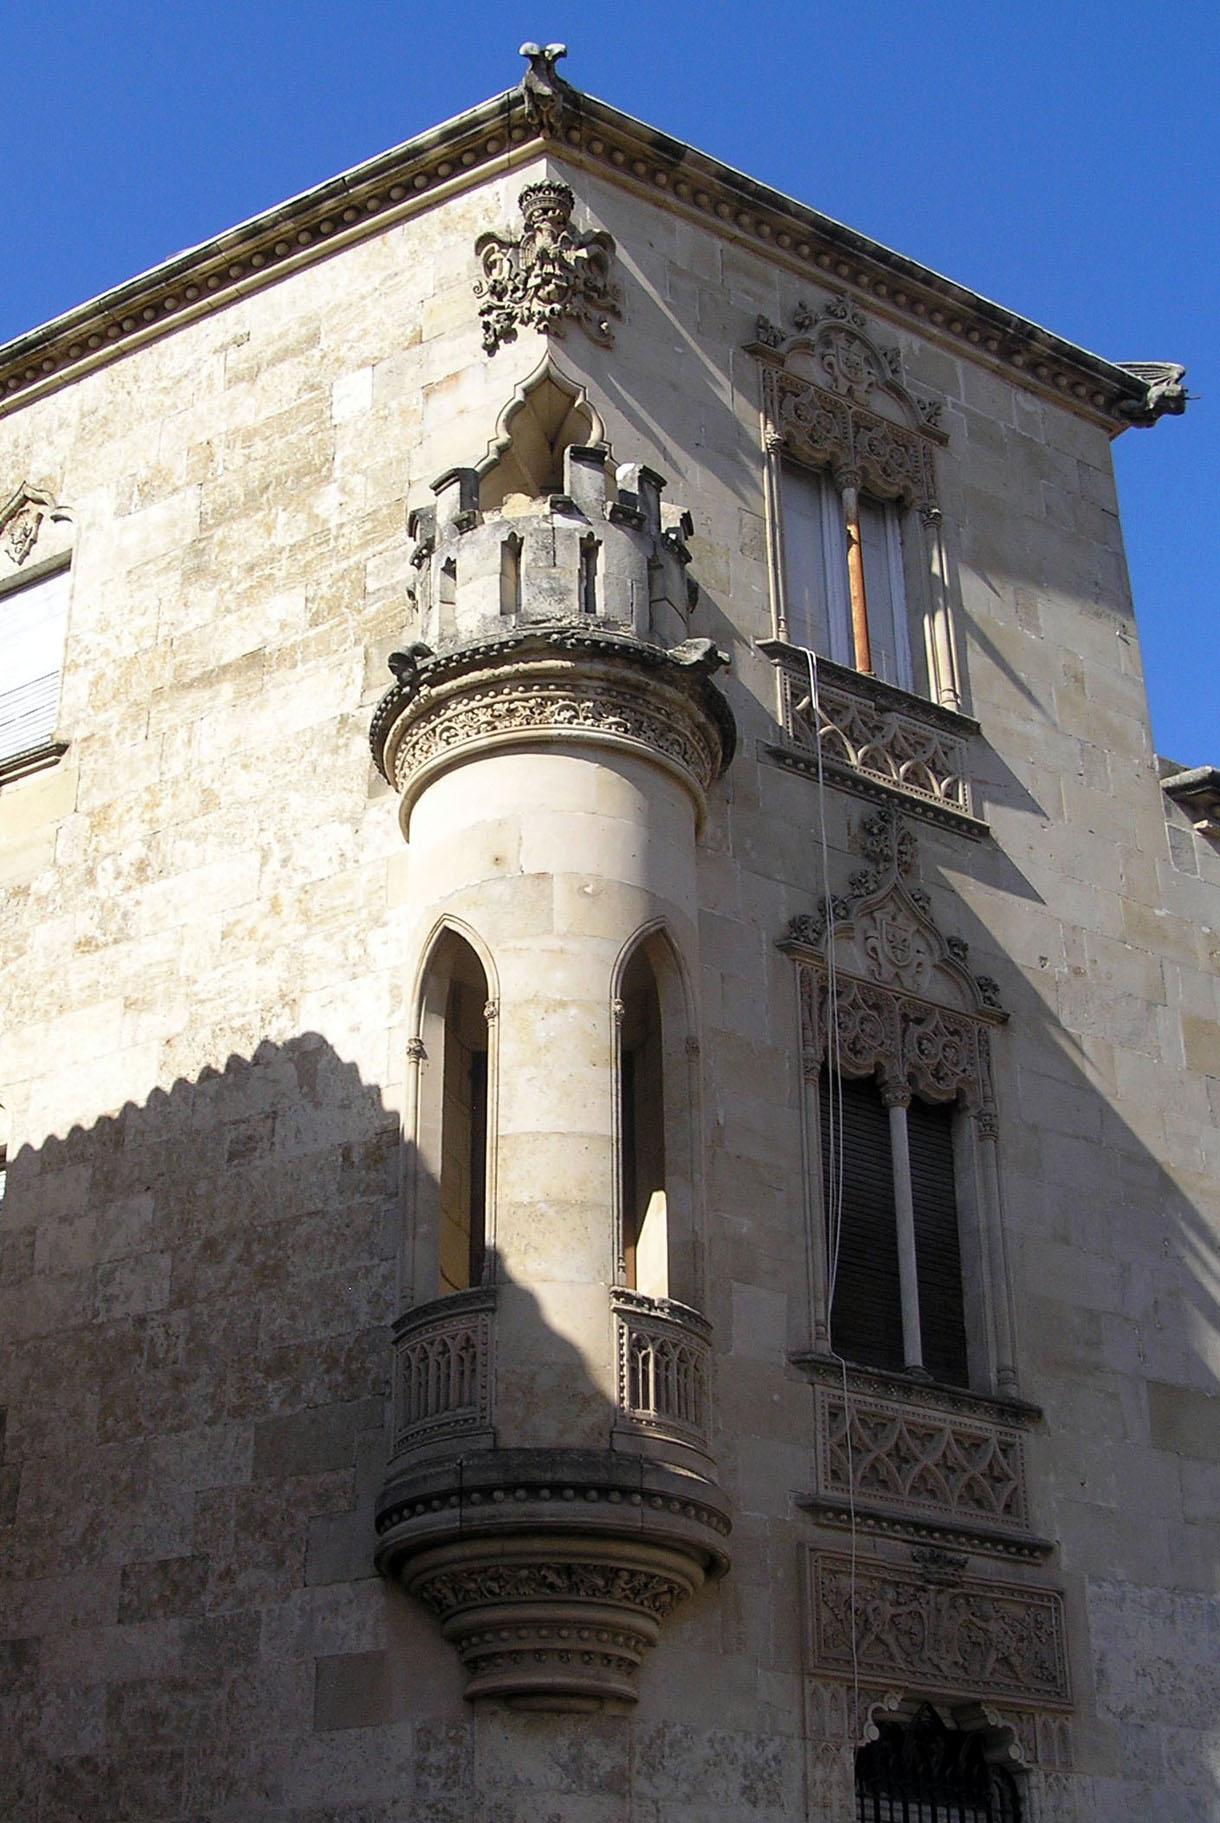 Ciudad rodrigo monumental portal fuenterrebollo - San vicente del palacio ...